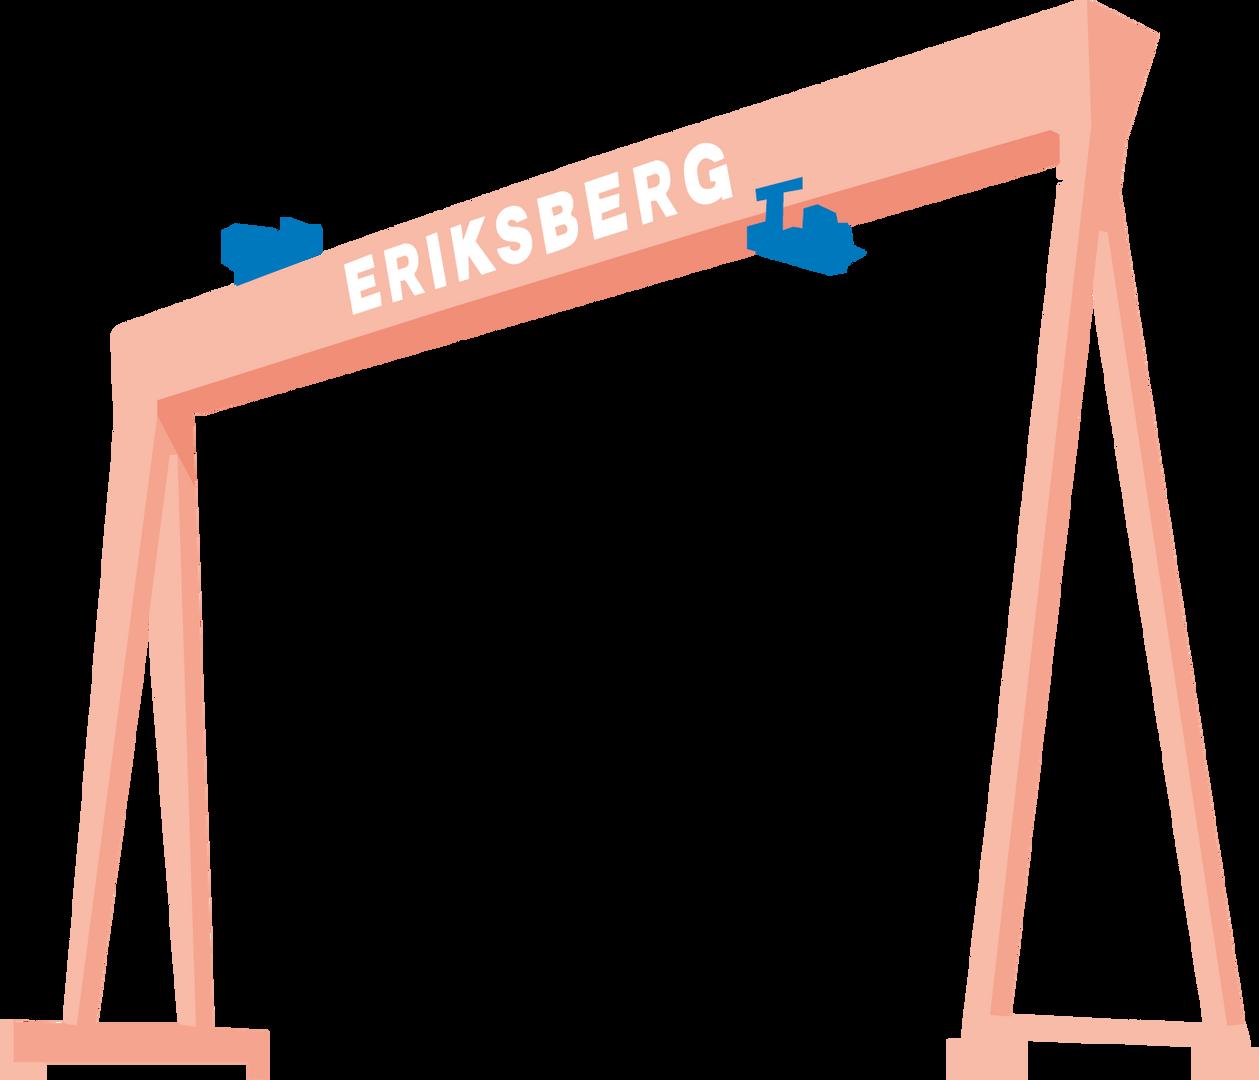 Eriksbergskranen-01.png